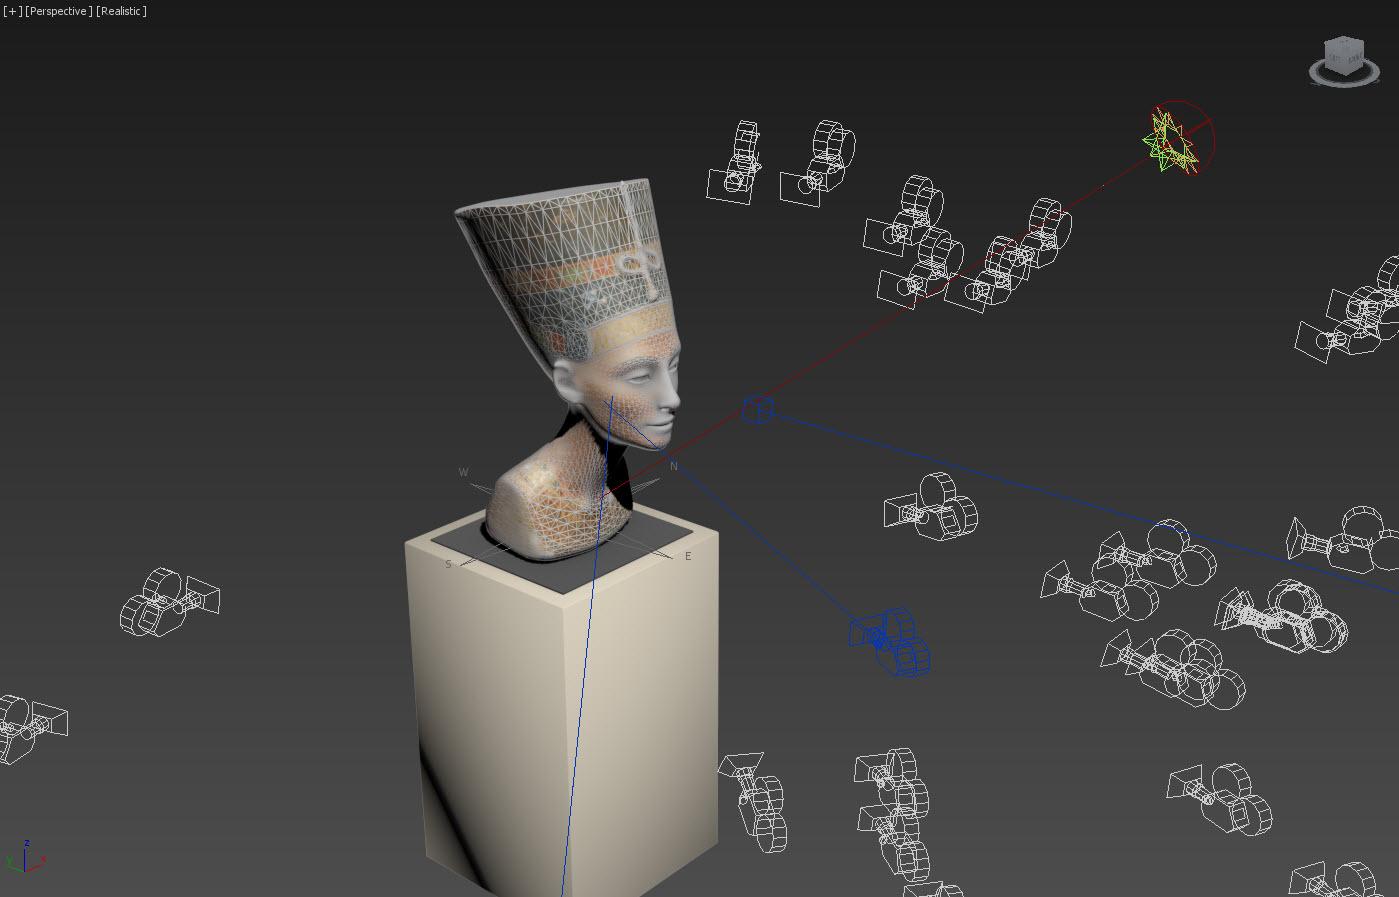 The 3D Nefertiti Hack